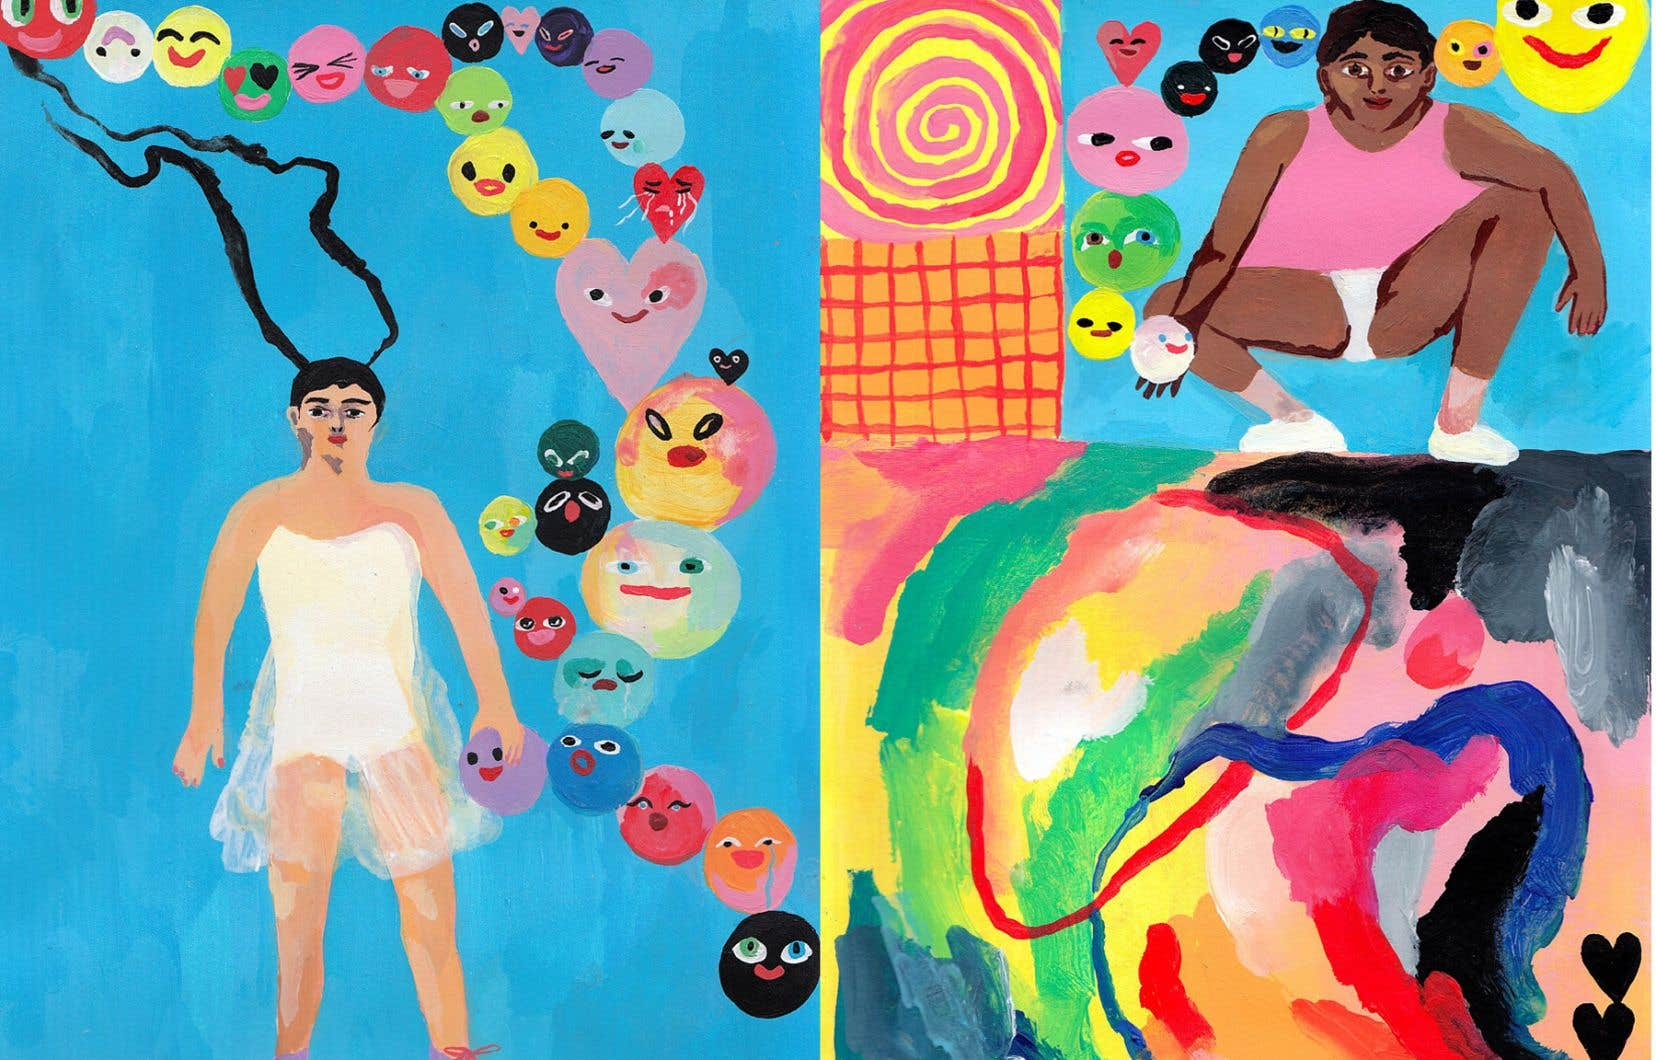 «Sans réconciliation, il n'y aurait aucune sorte de relation à long terme», estime l'artiste Lina Ehrentraut, née en 1993 à Neuss, en Allemagne.